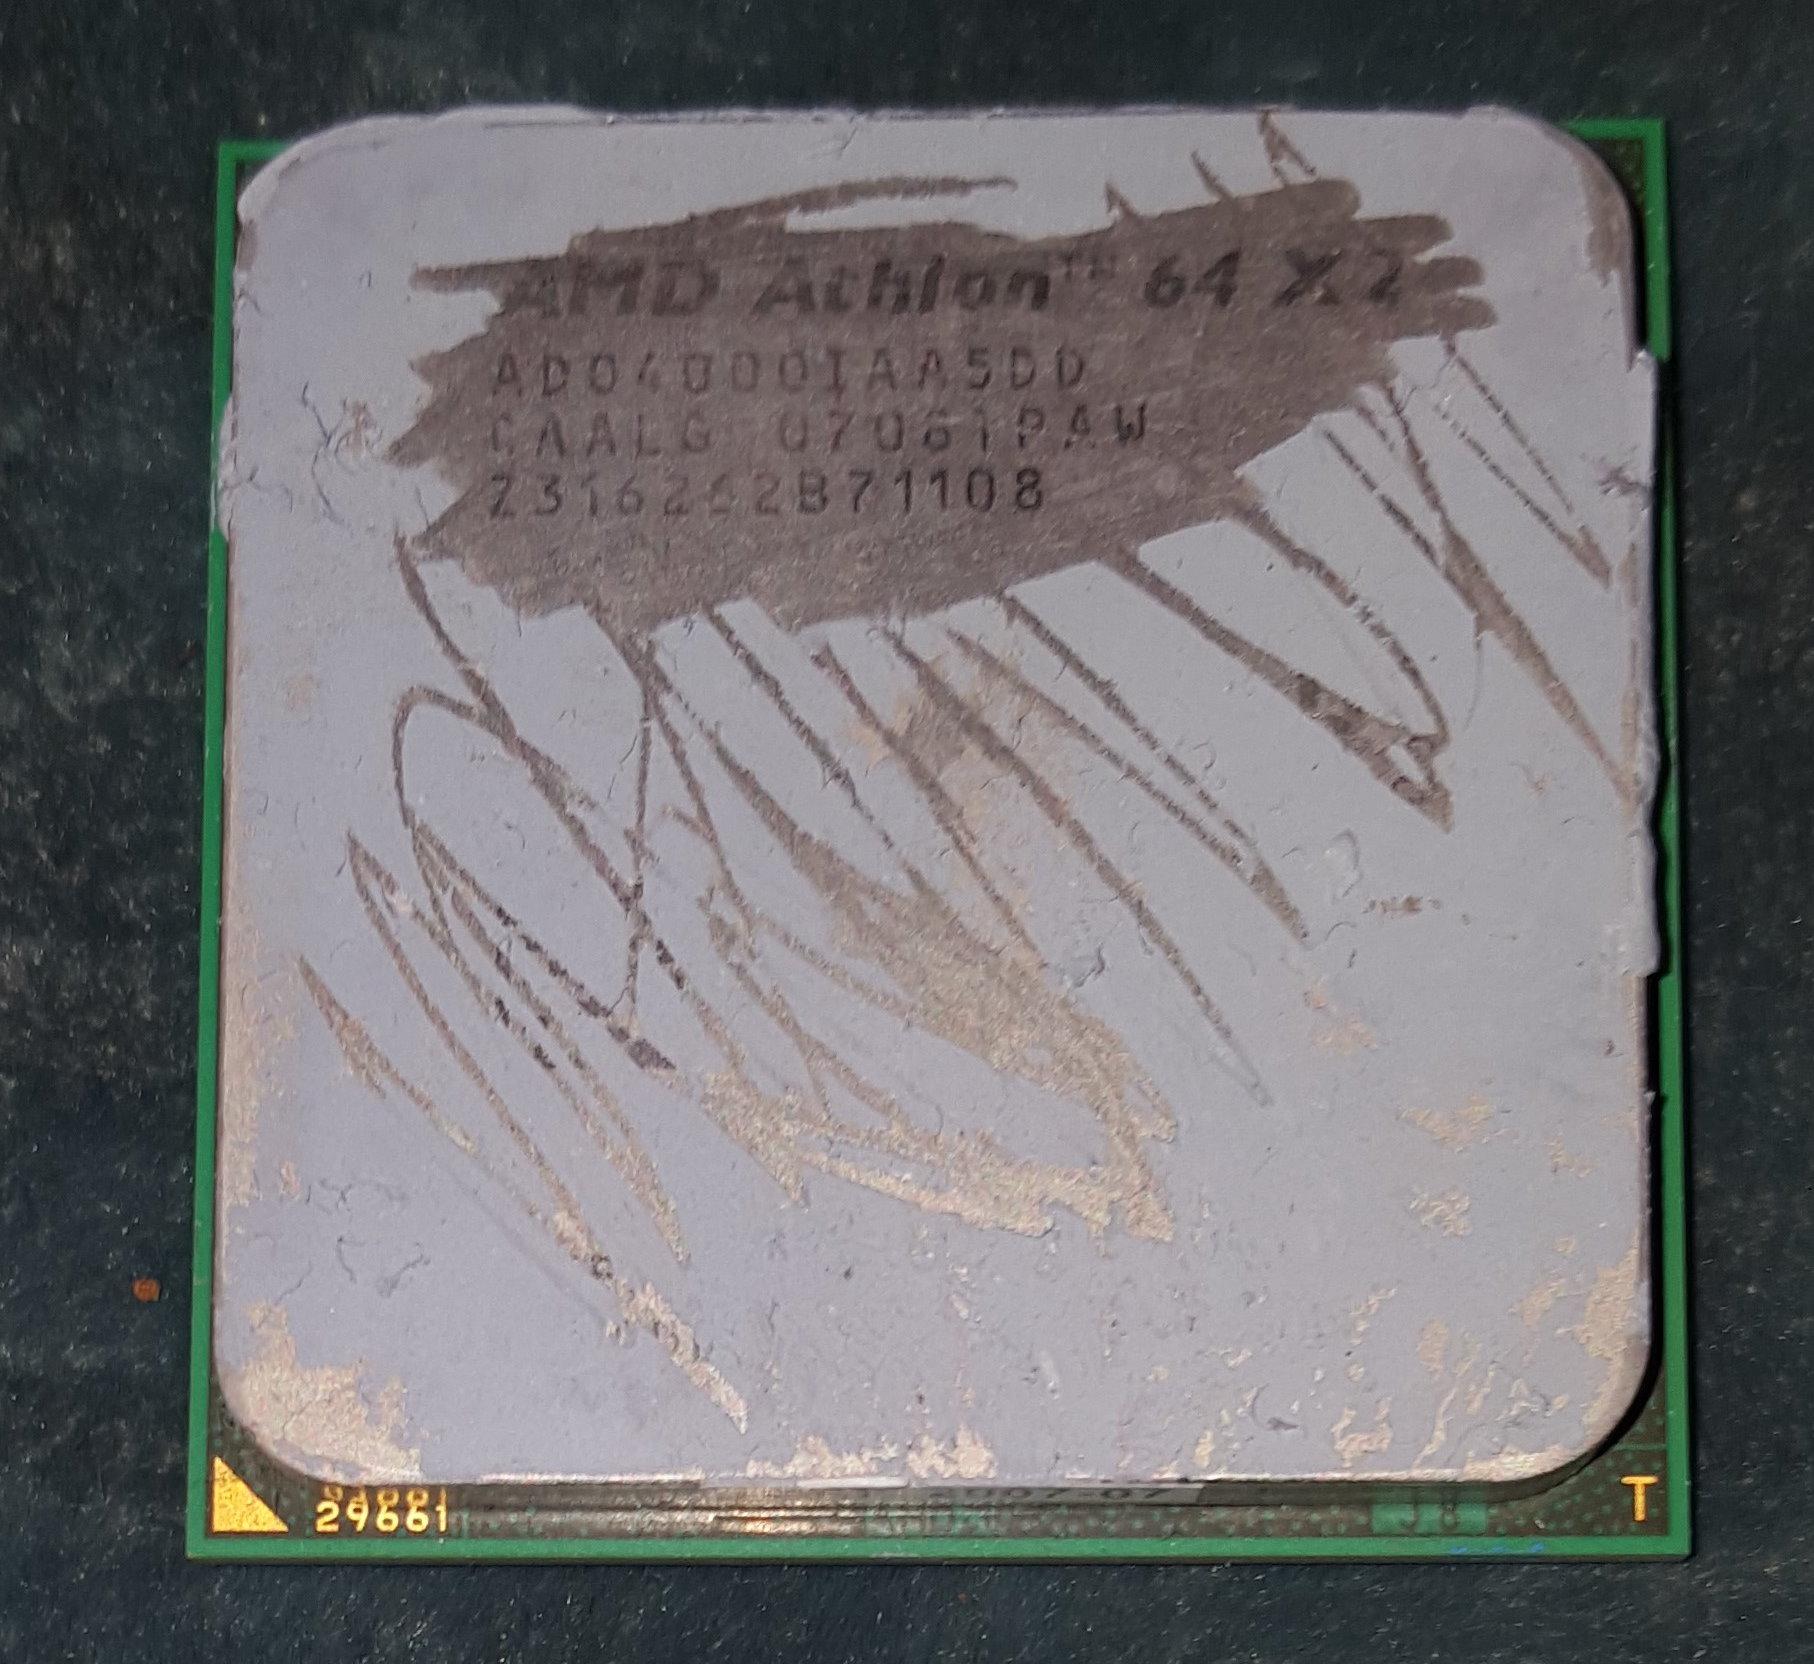 AMD AD04000IAA5DD Athlon 64 X2 4000+ 2.1GHz Socket AM2 Dual-Core Processor – Occasion